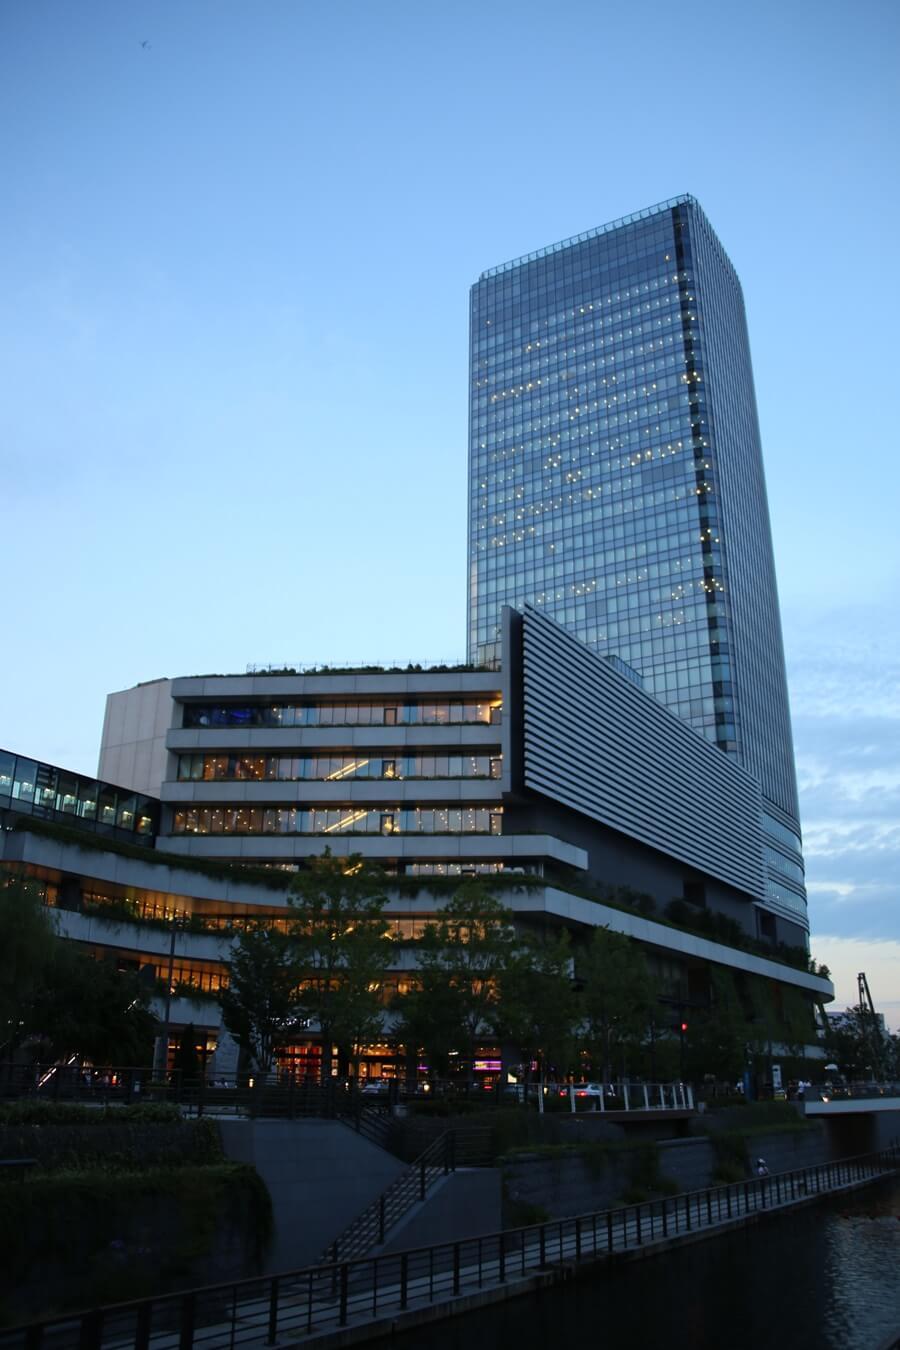 東京スカイツリーイーストタワー tokyo skytree (29)